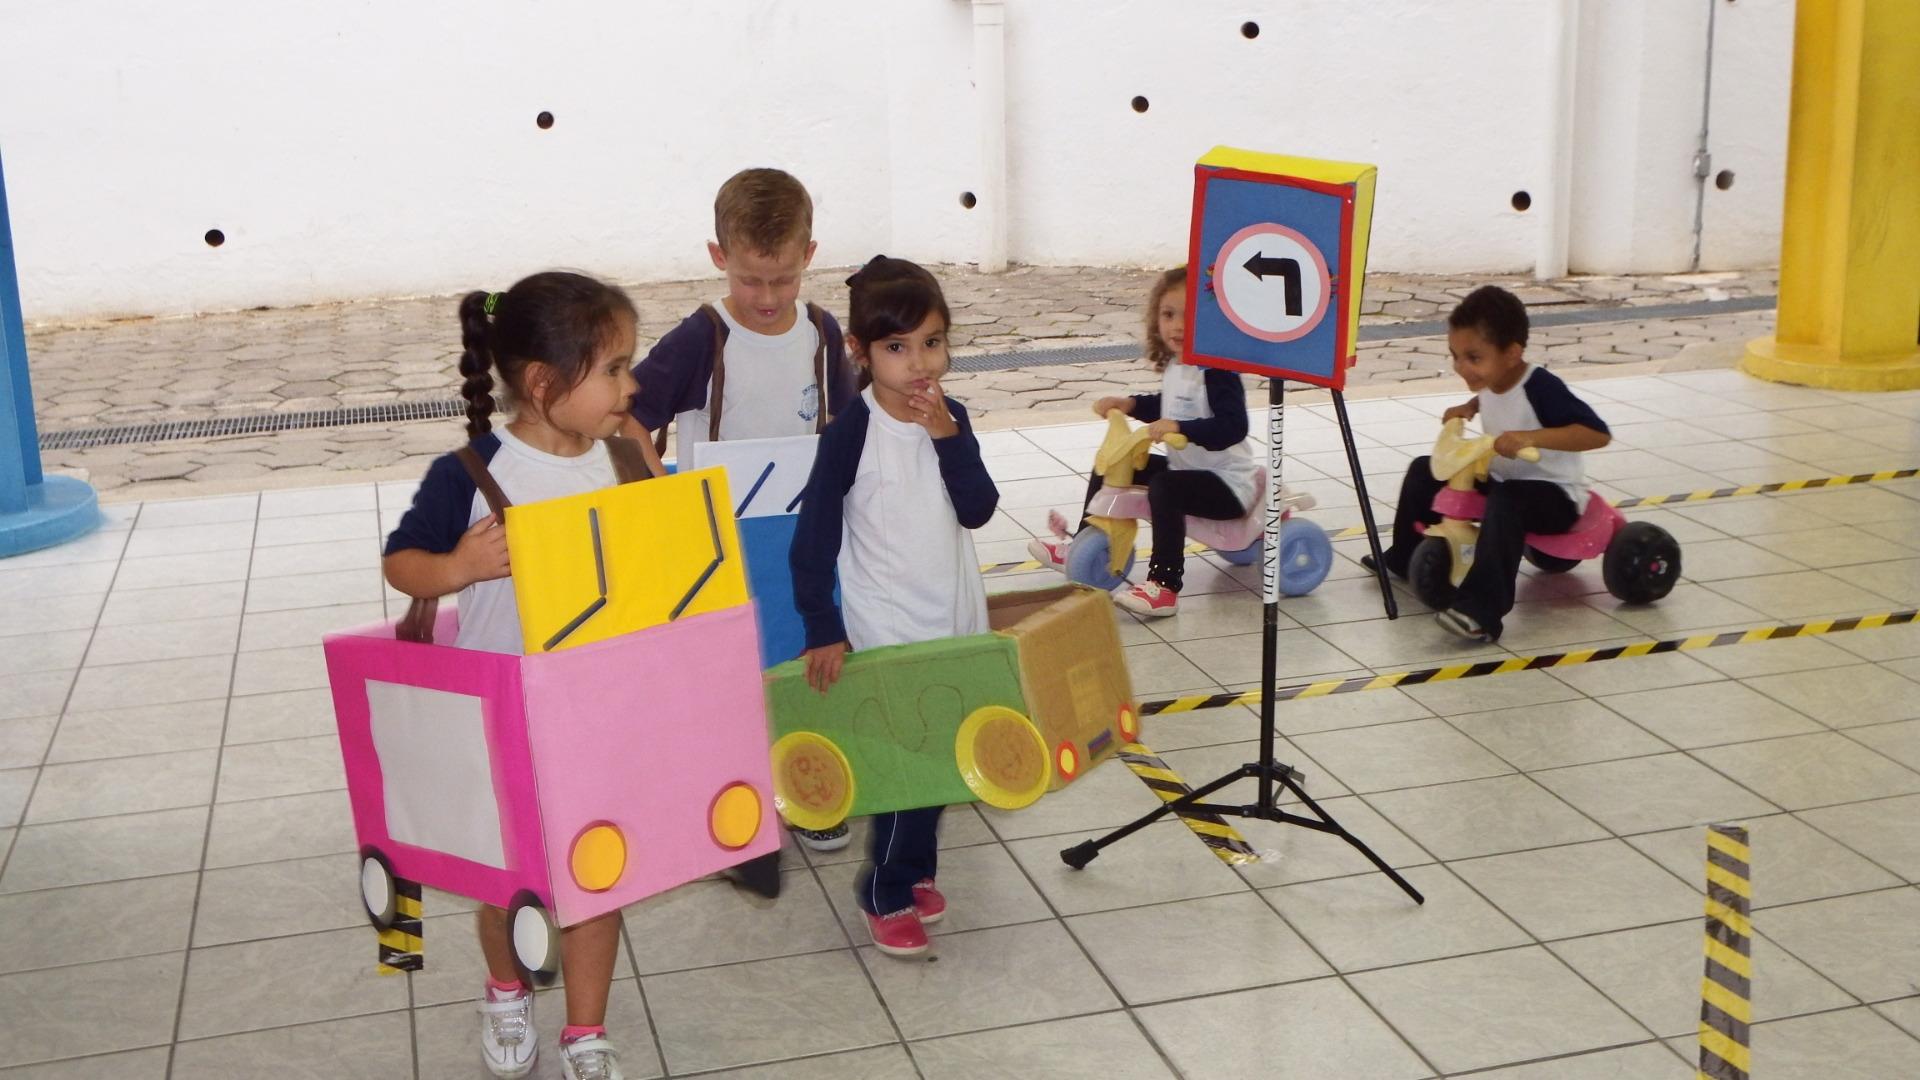 Excepcional Dia de conscientização do Trânsito na Educação Infantil JW22